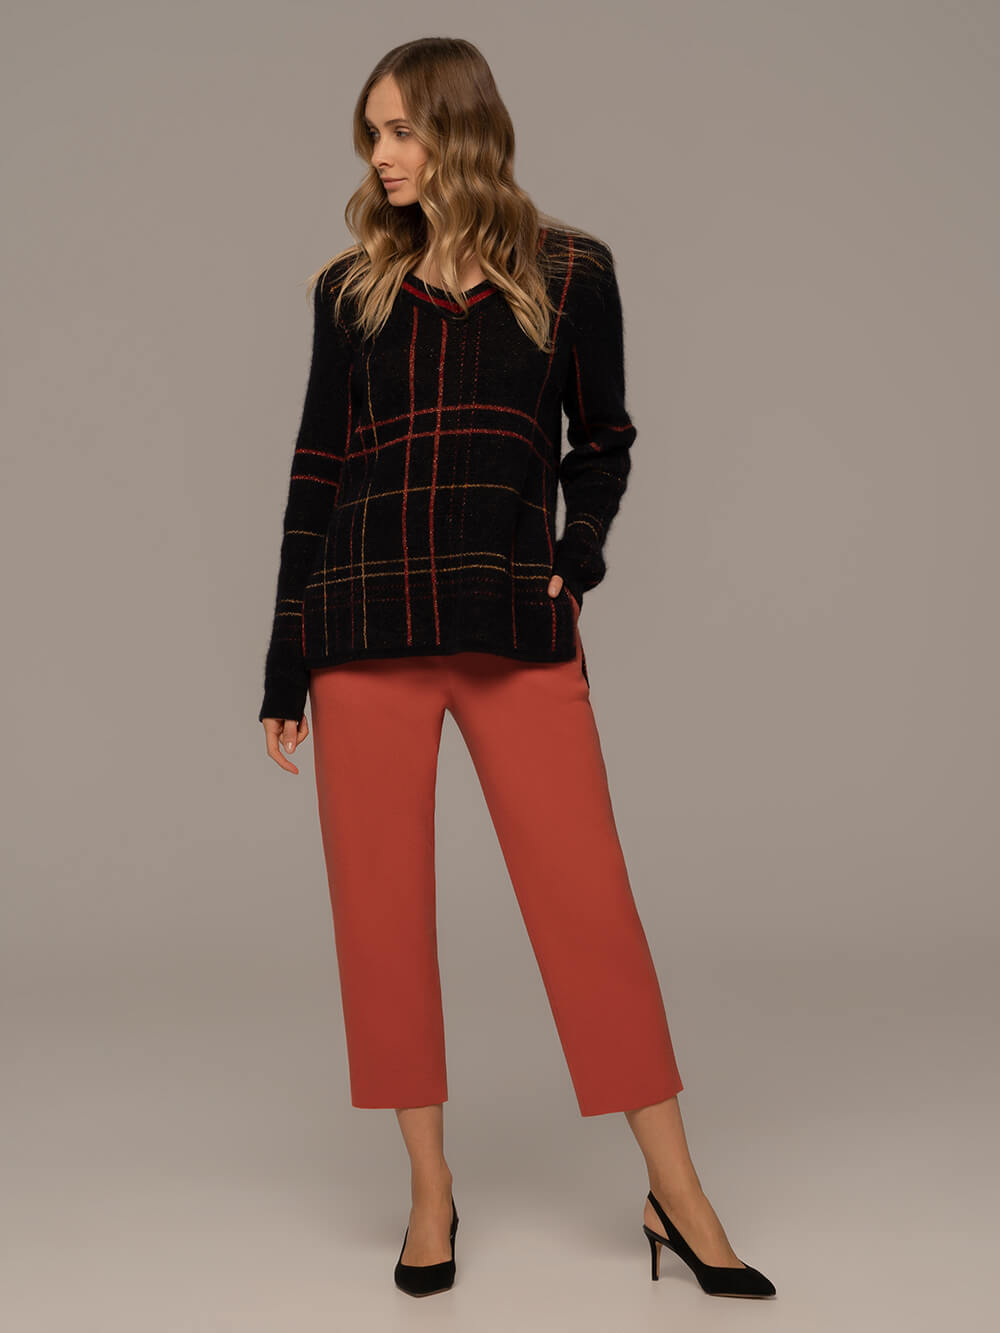 Женские брюки терракотового цвета из шерсти - фото 1